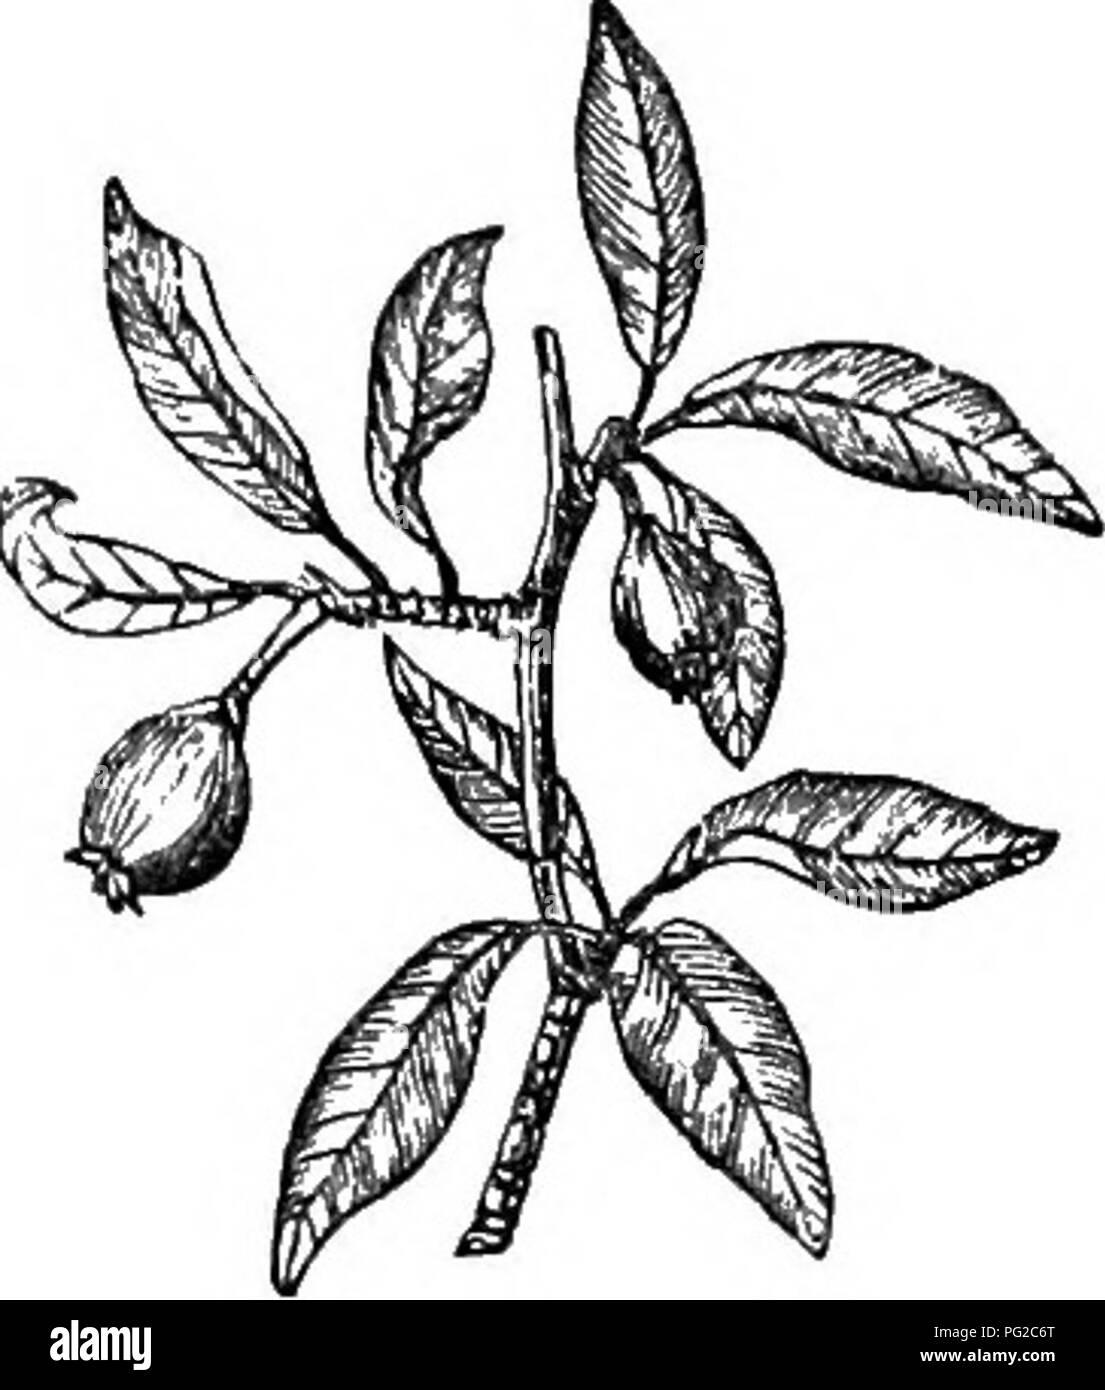 """. Los árboles y arbustos : una versión abreviada del Arboretum et fruticetum britannicum : contienen los hardy schrubs y árboles de Gran Bretaña, nativos y extranjeros, y científicamente descrito popular : con su propagación, cultivo y usos y grabados de casi todas las especies. Los árboles, los arbustos, los bosques y la silvicultura. XXVI. bosa^cejE : py'Rus"""". 421. 763. F. {c.) *alTif61ia. """"F 2. (P. c.) SALVIFO^LIA Dec. la SAGE-hojas, o Aureliano, Orleans, Pear Tree. IdnUification. Dec. Fl. Fr., 631., en una nota; Prod., 2, pág. 634. ; Don Mill., 2, pág. 622. Synonyme, Poirler Sauger D'Ourch en BibL UBS. Econ. Ma Foto de stock"""